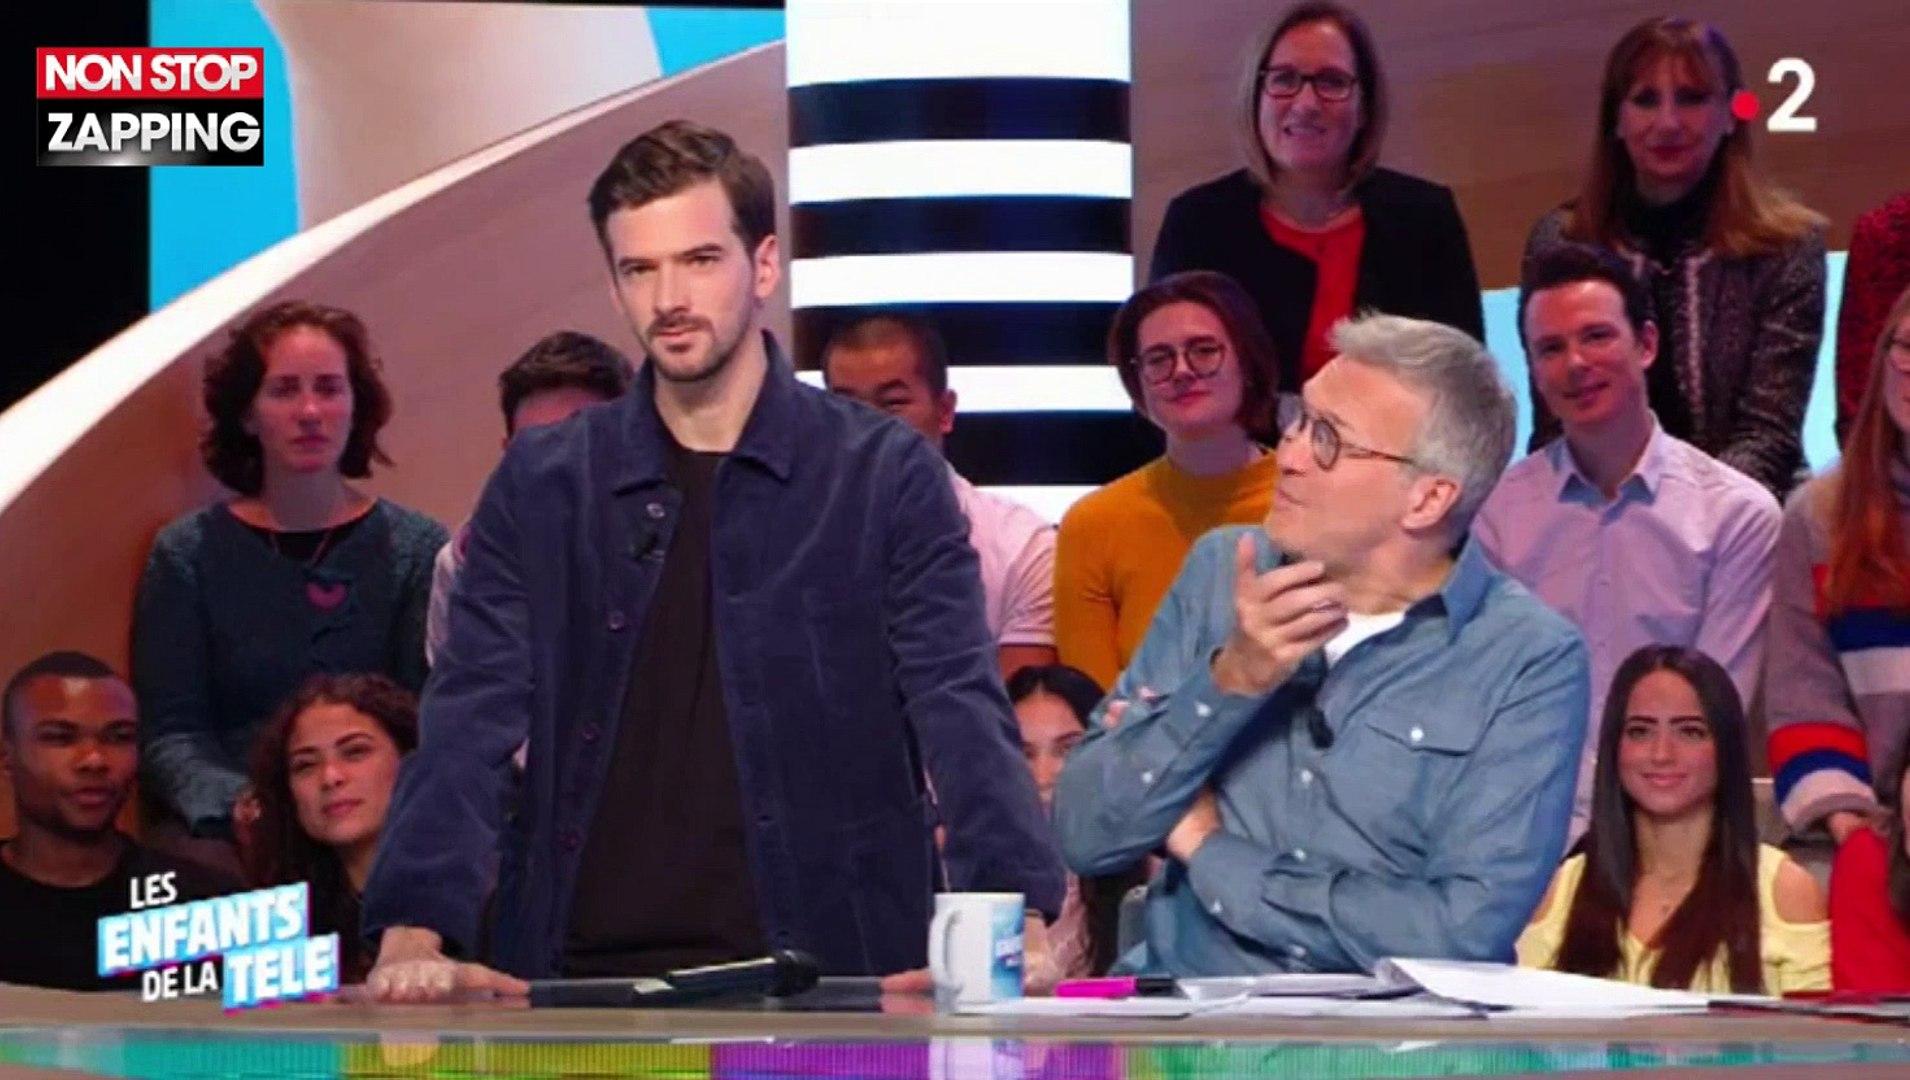 Marc-Antoine Le Bret tacle Brigitte Macron dans une imitation osée (vidéo)